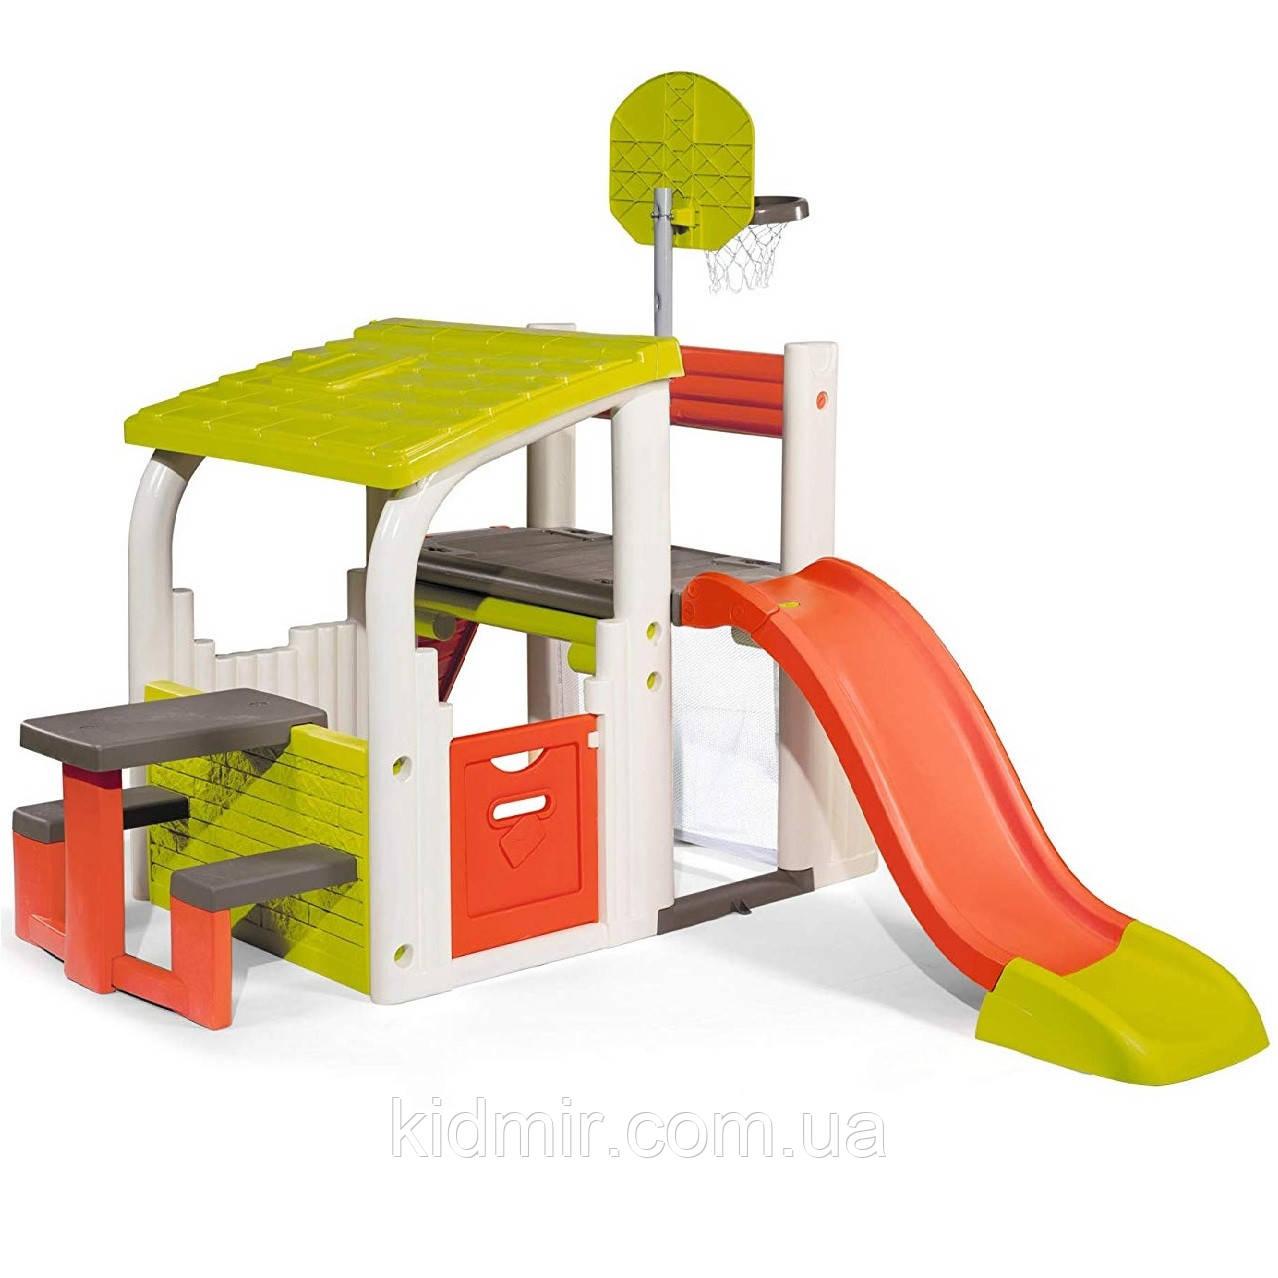 Игровой комплекс Центр Развлечений с корзиной, воротами и горкой Fun Center Smoby 840203